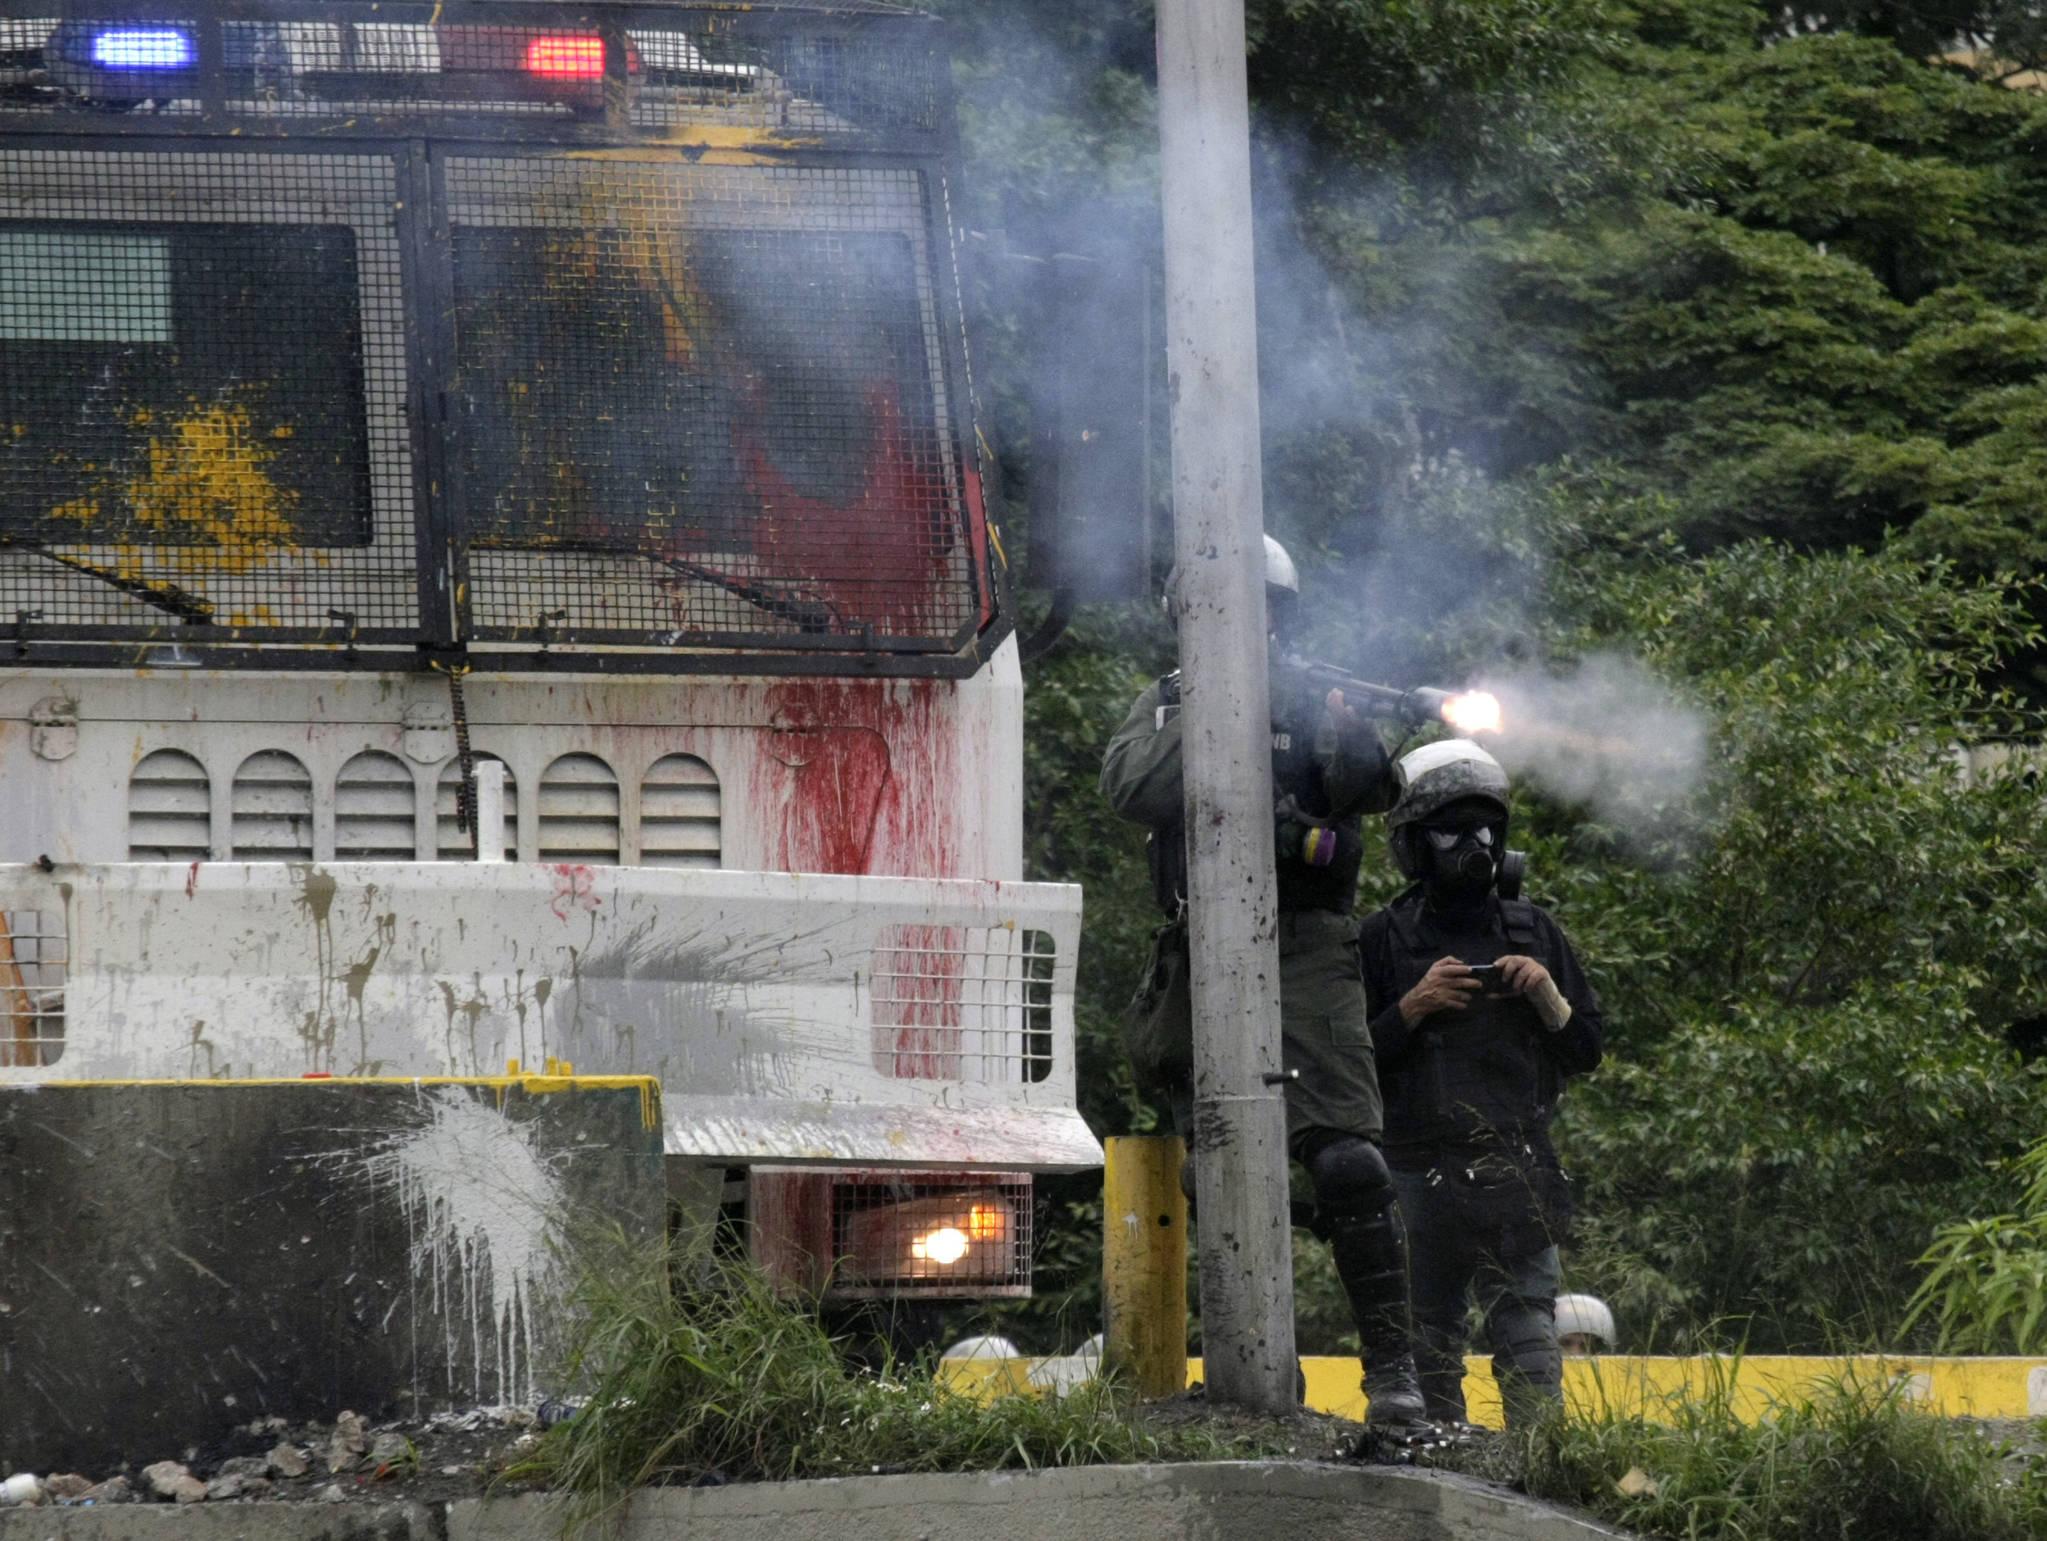 7일(현지시간) 베네수엘라 카라카스에서 경찰이 시위대를 향해 산탄총(shotgun)을 발사하고있다.[AP=연합뉴스]